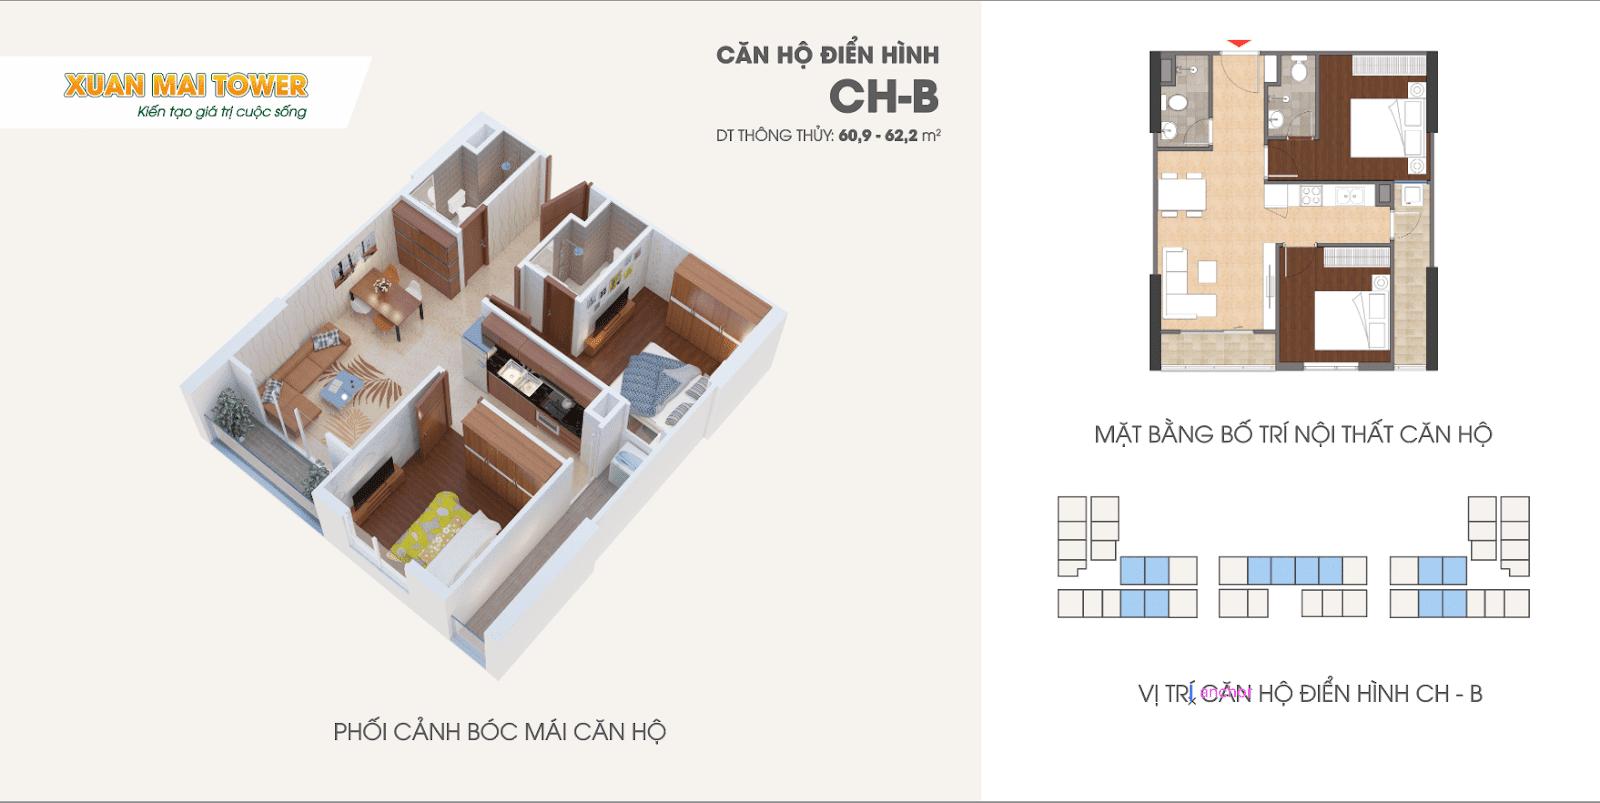 Căn hộ điển hình CH-B chung cư Xuân Mai Thanh Hoá